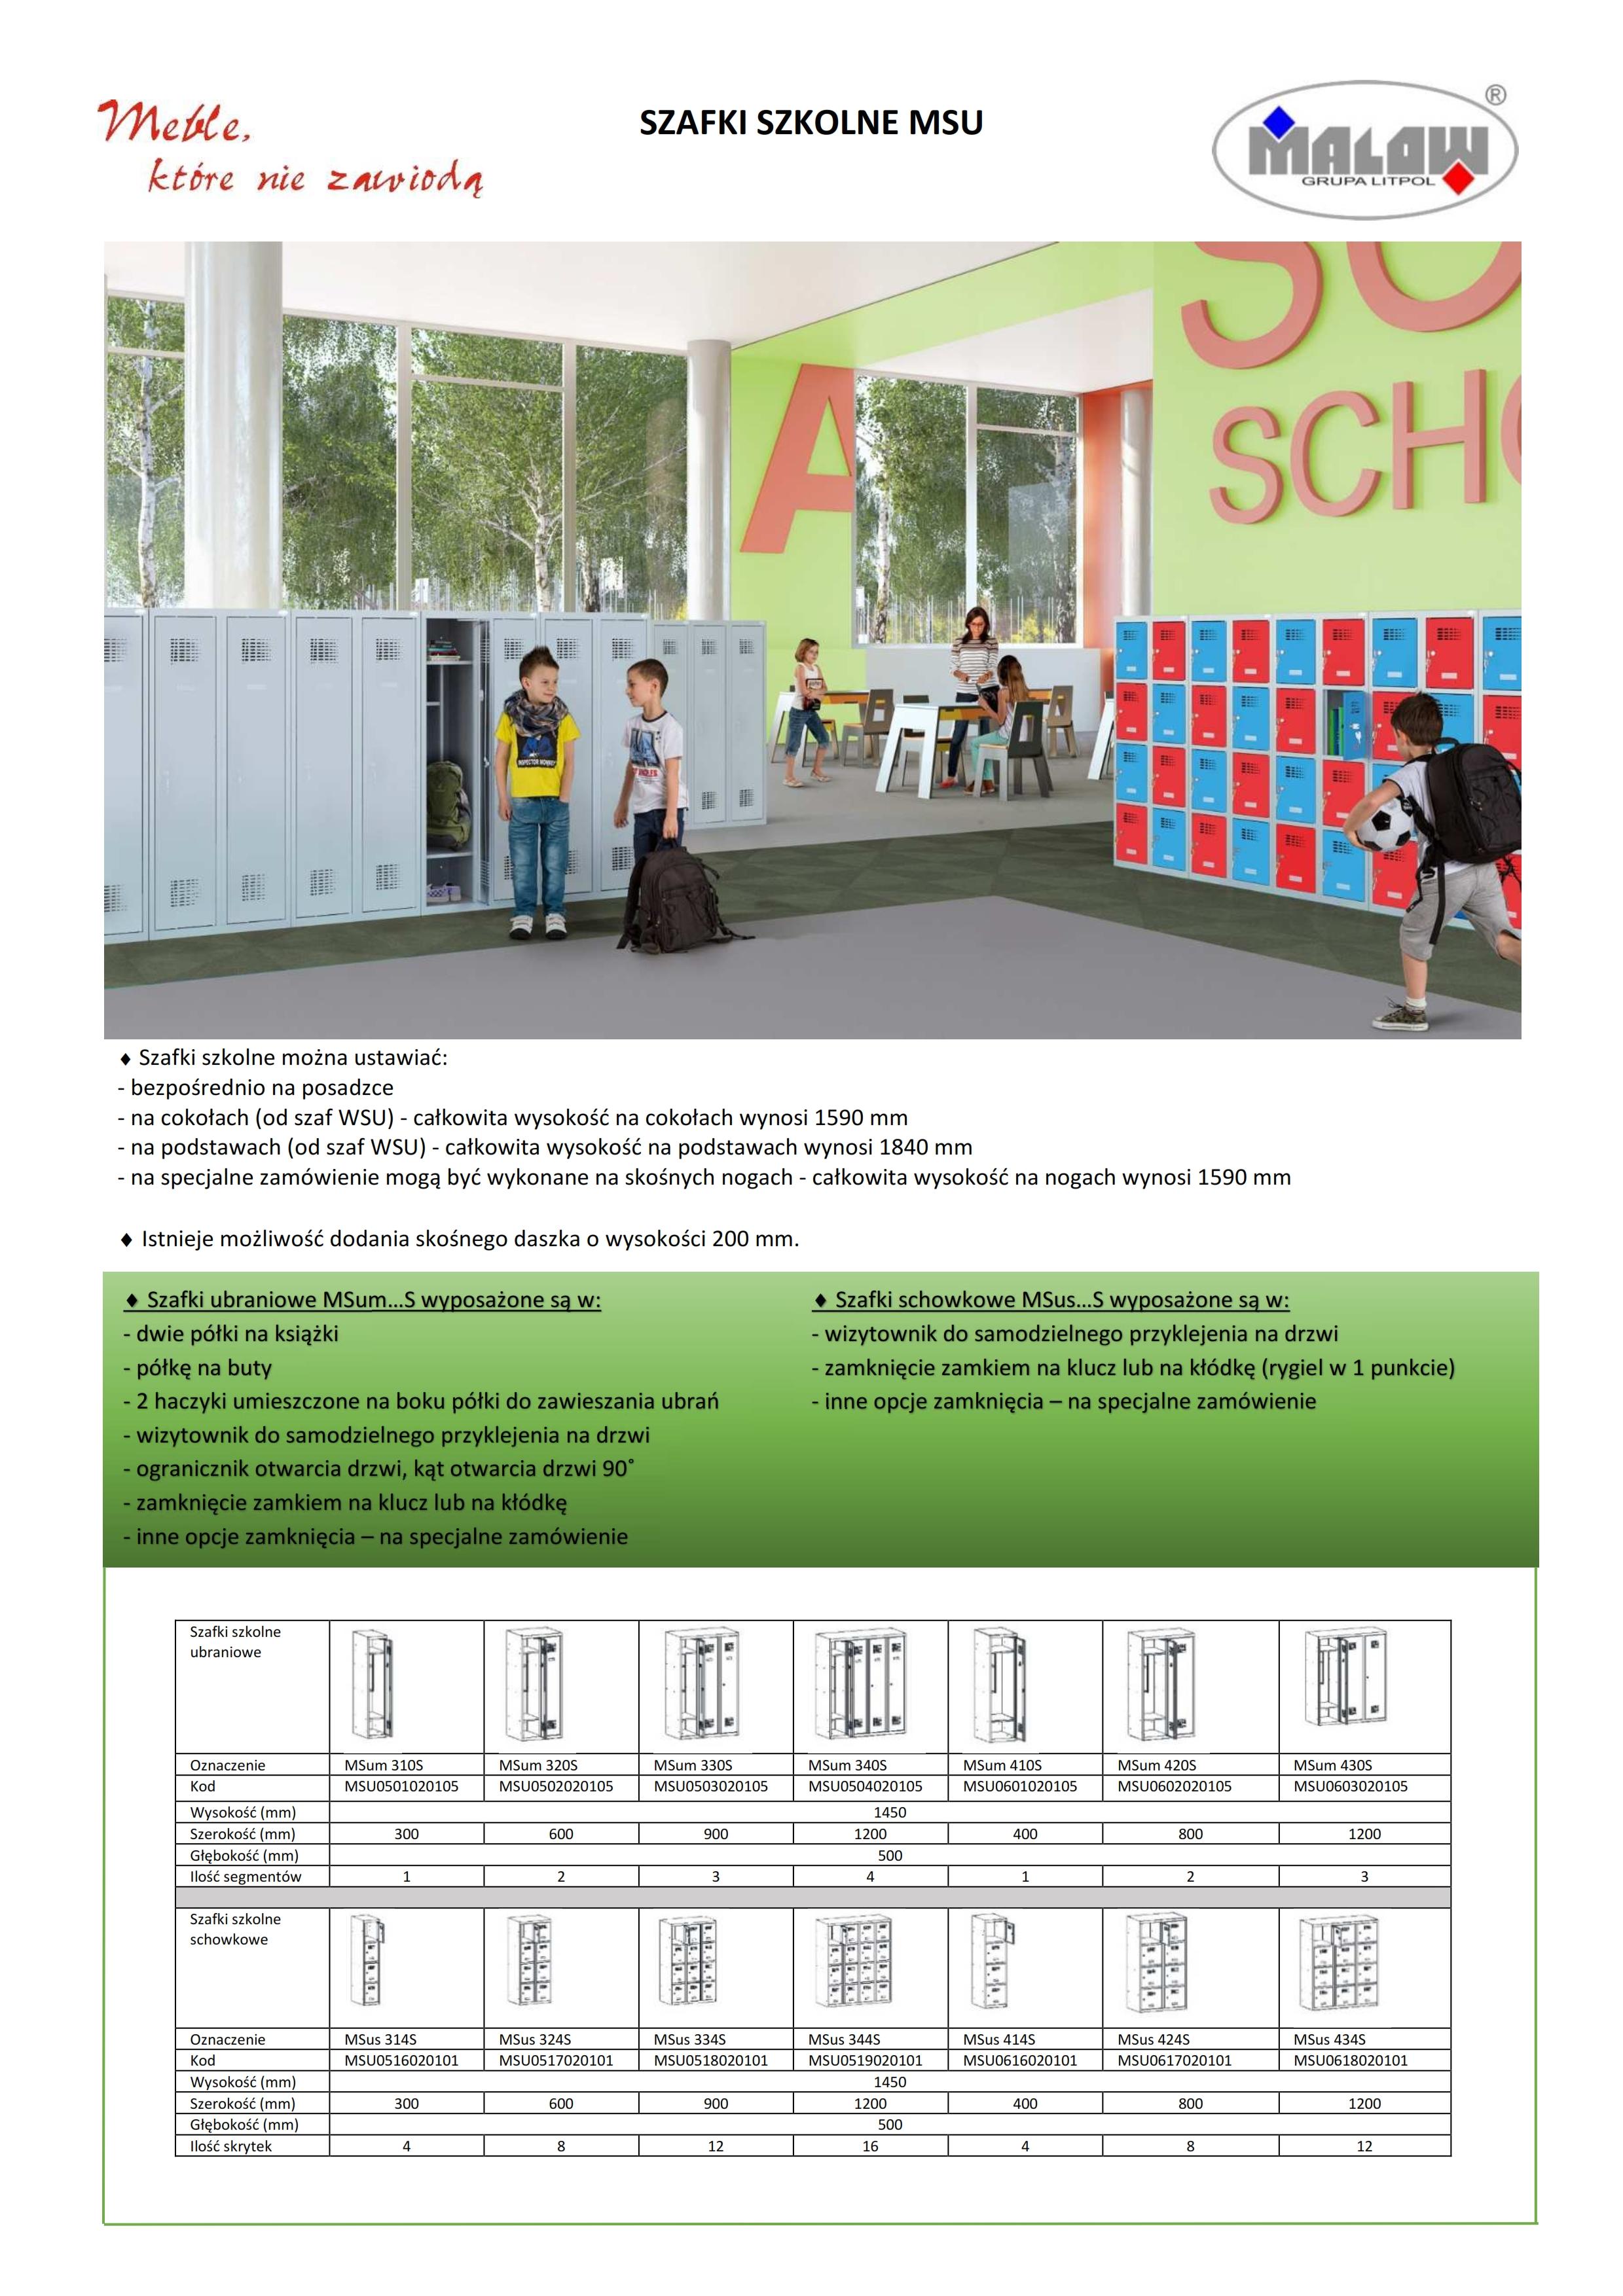 SZAFki szkolneMSU_001